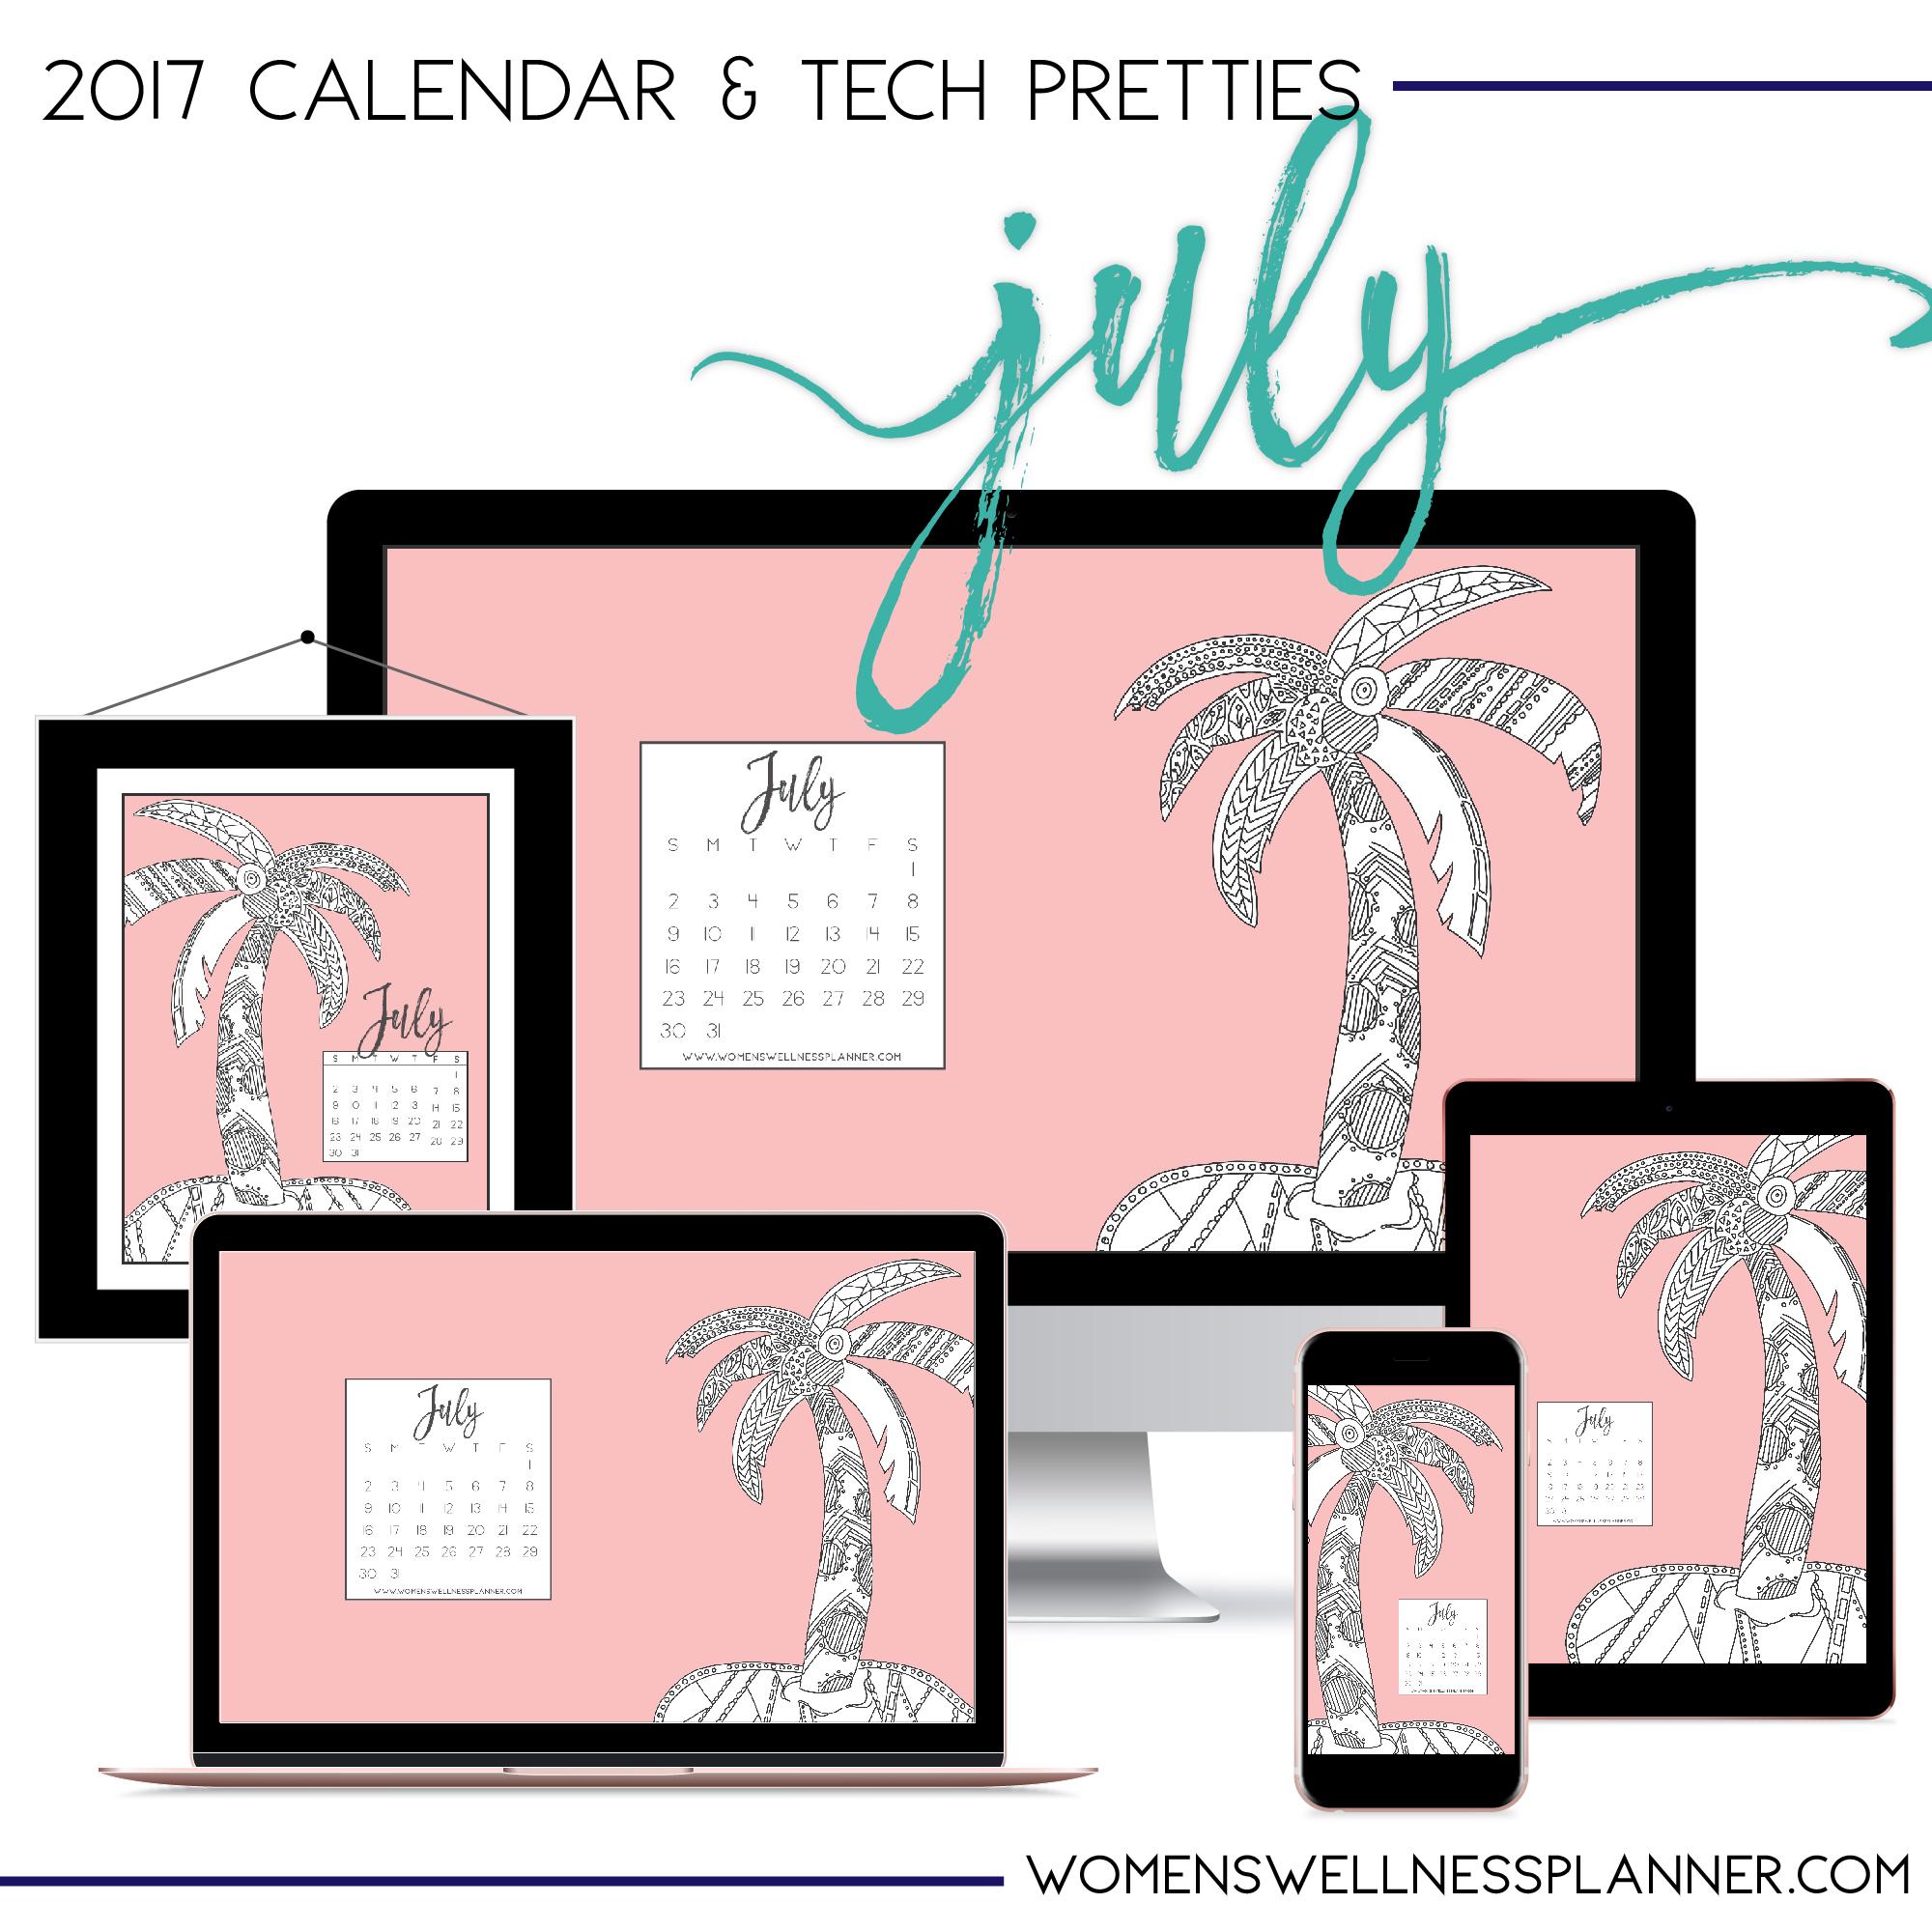 July 2017 Printable Calendar & Tech Pretties | Women's Wellness Planner